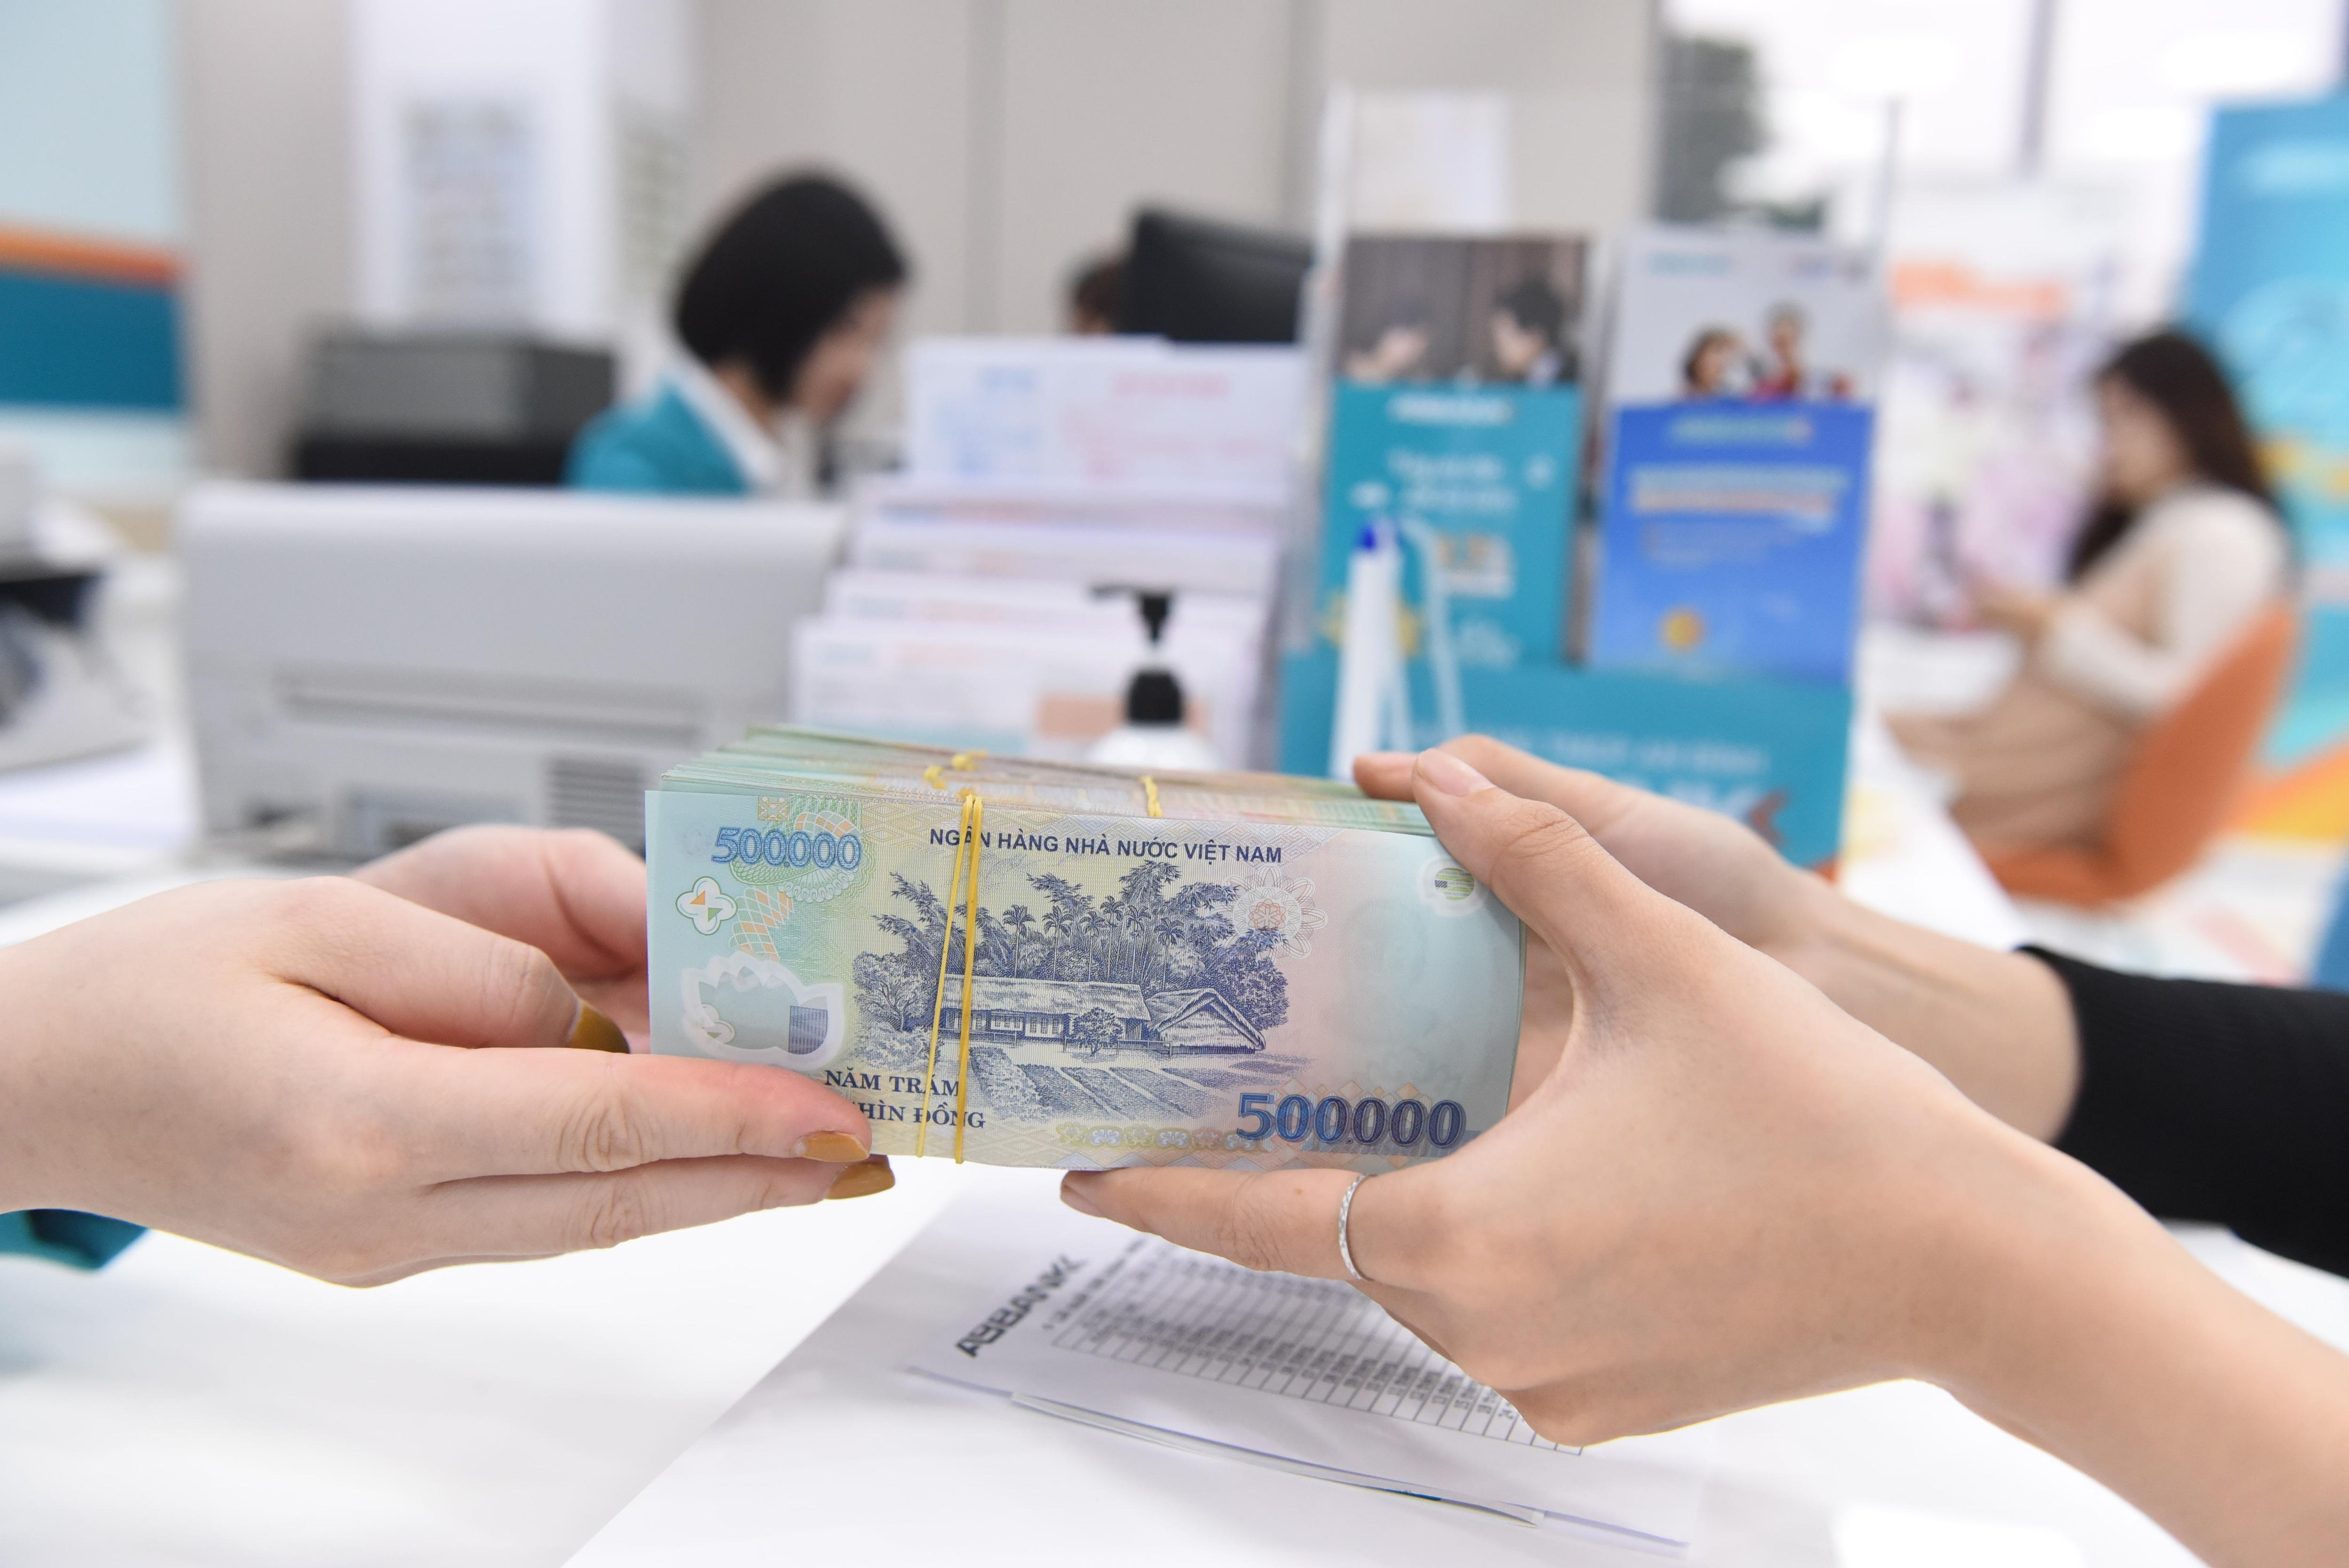 Xôn xao chuyện một ngân hàng thưởng 6 tháng lương